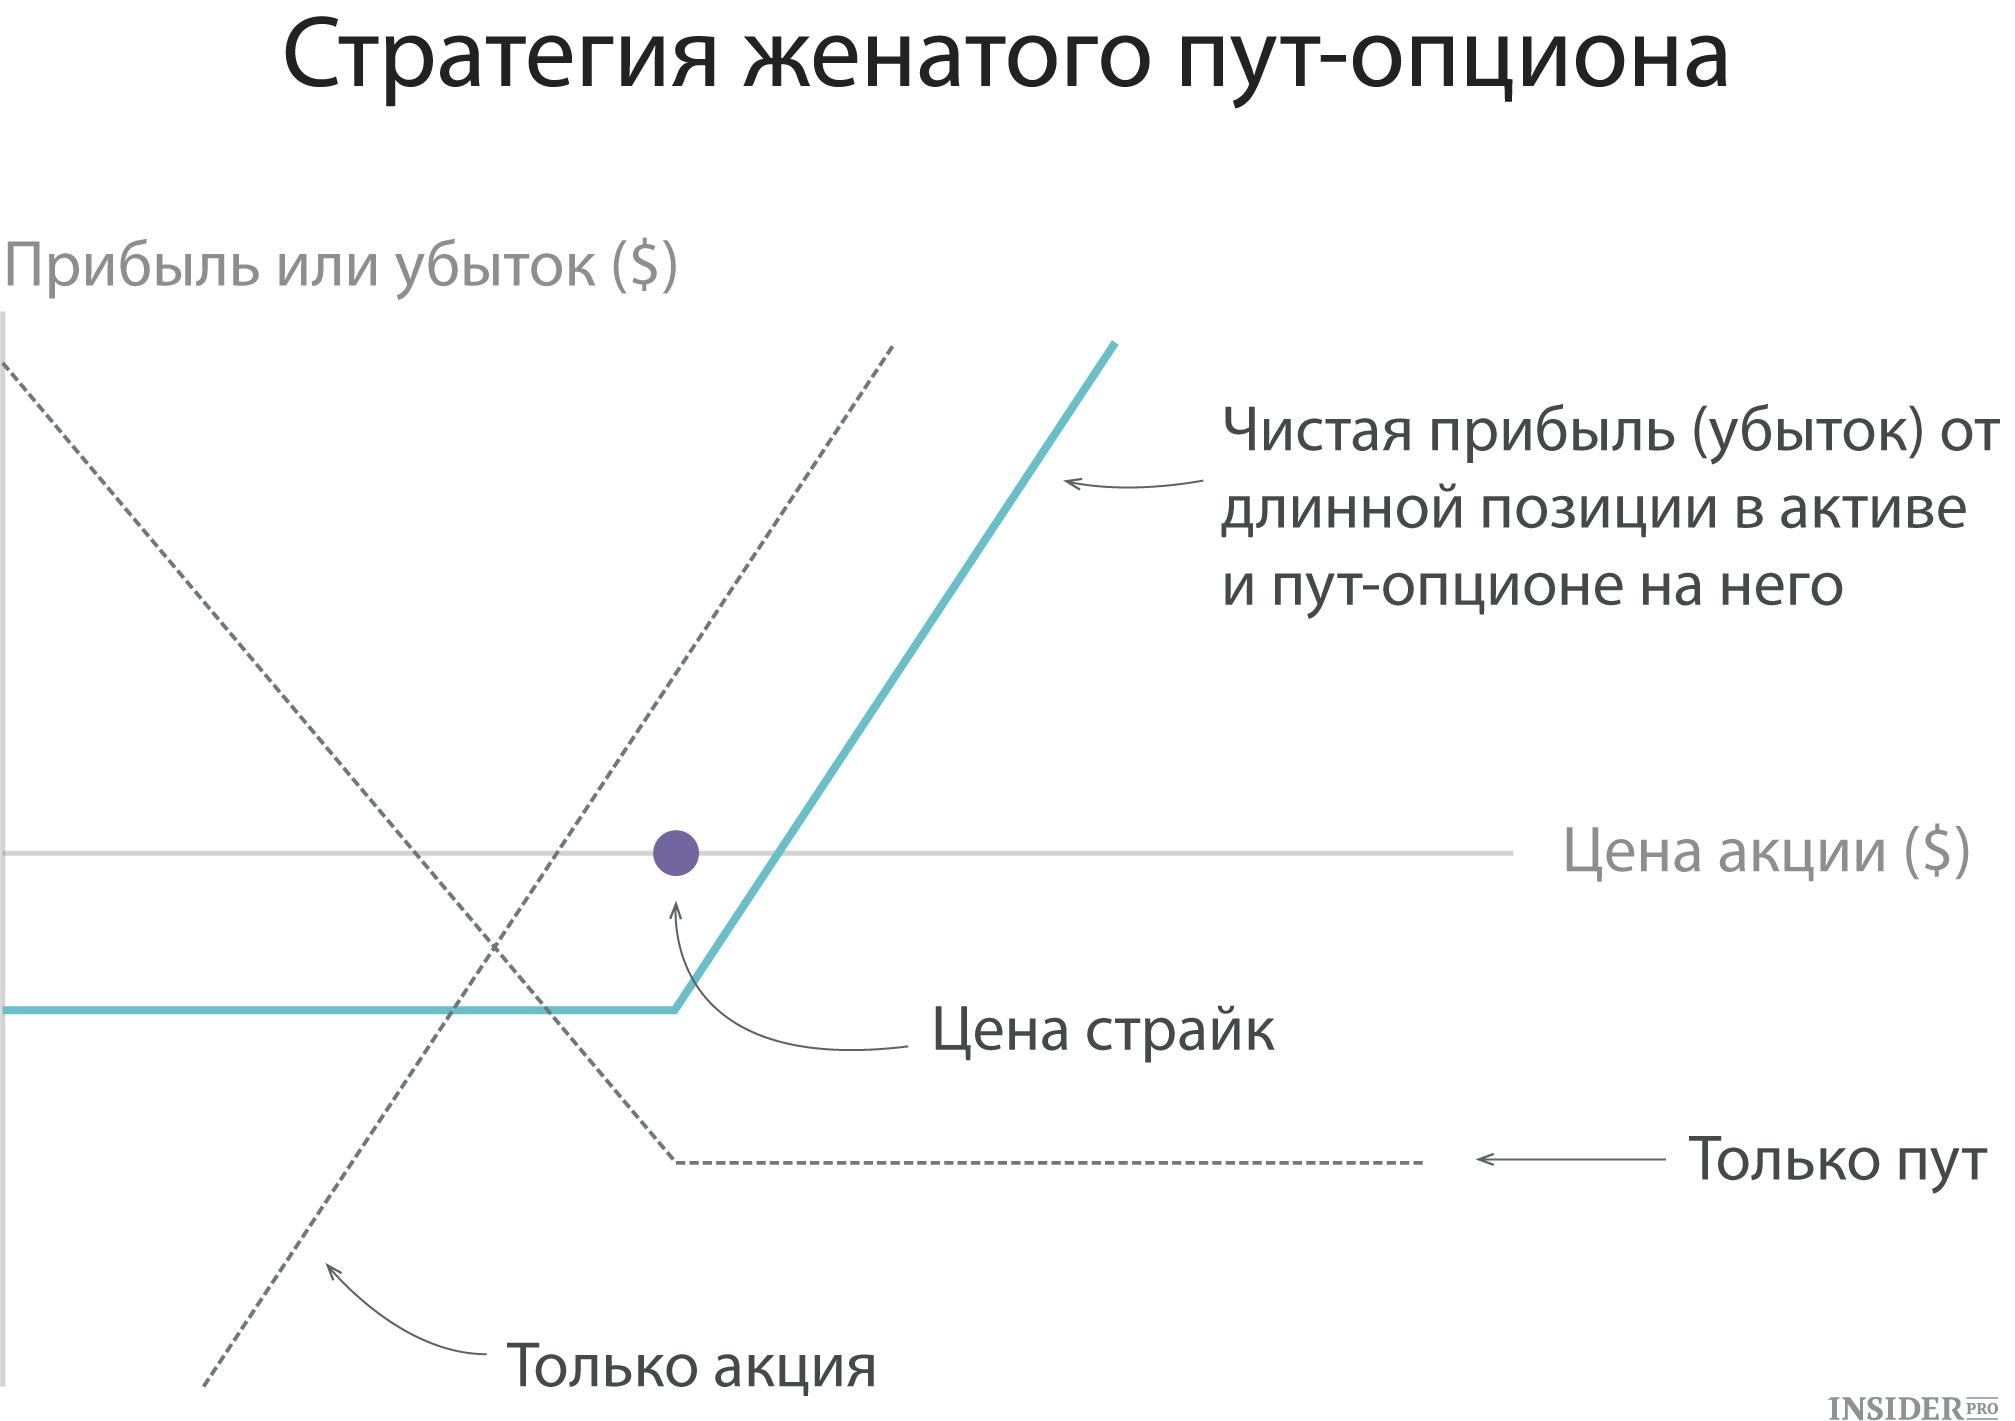 Opcijas - riska sadalīšanas un peļņas līdzeklis